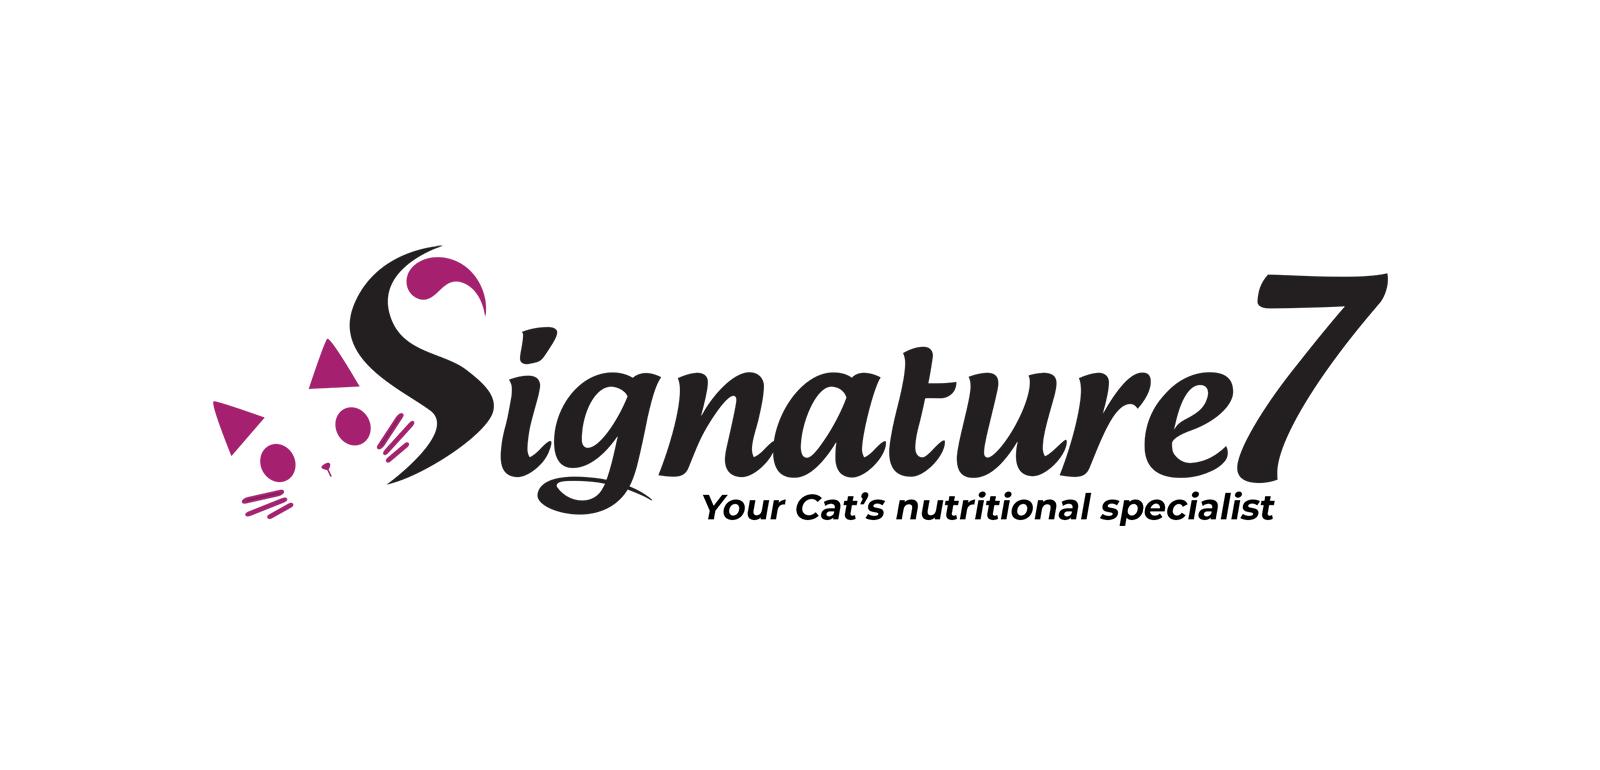 signature_7_logo